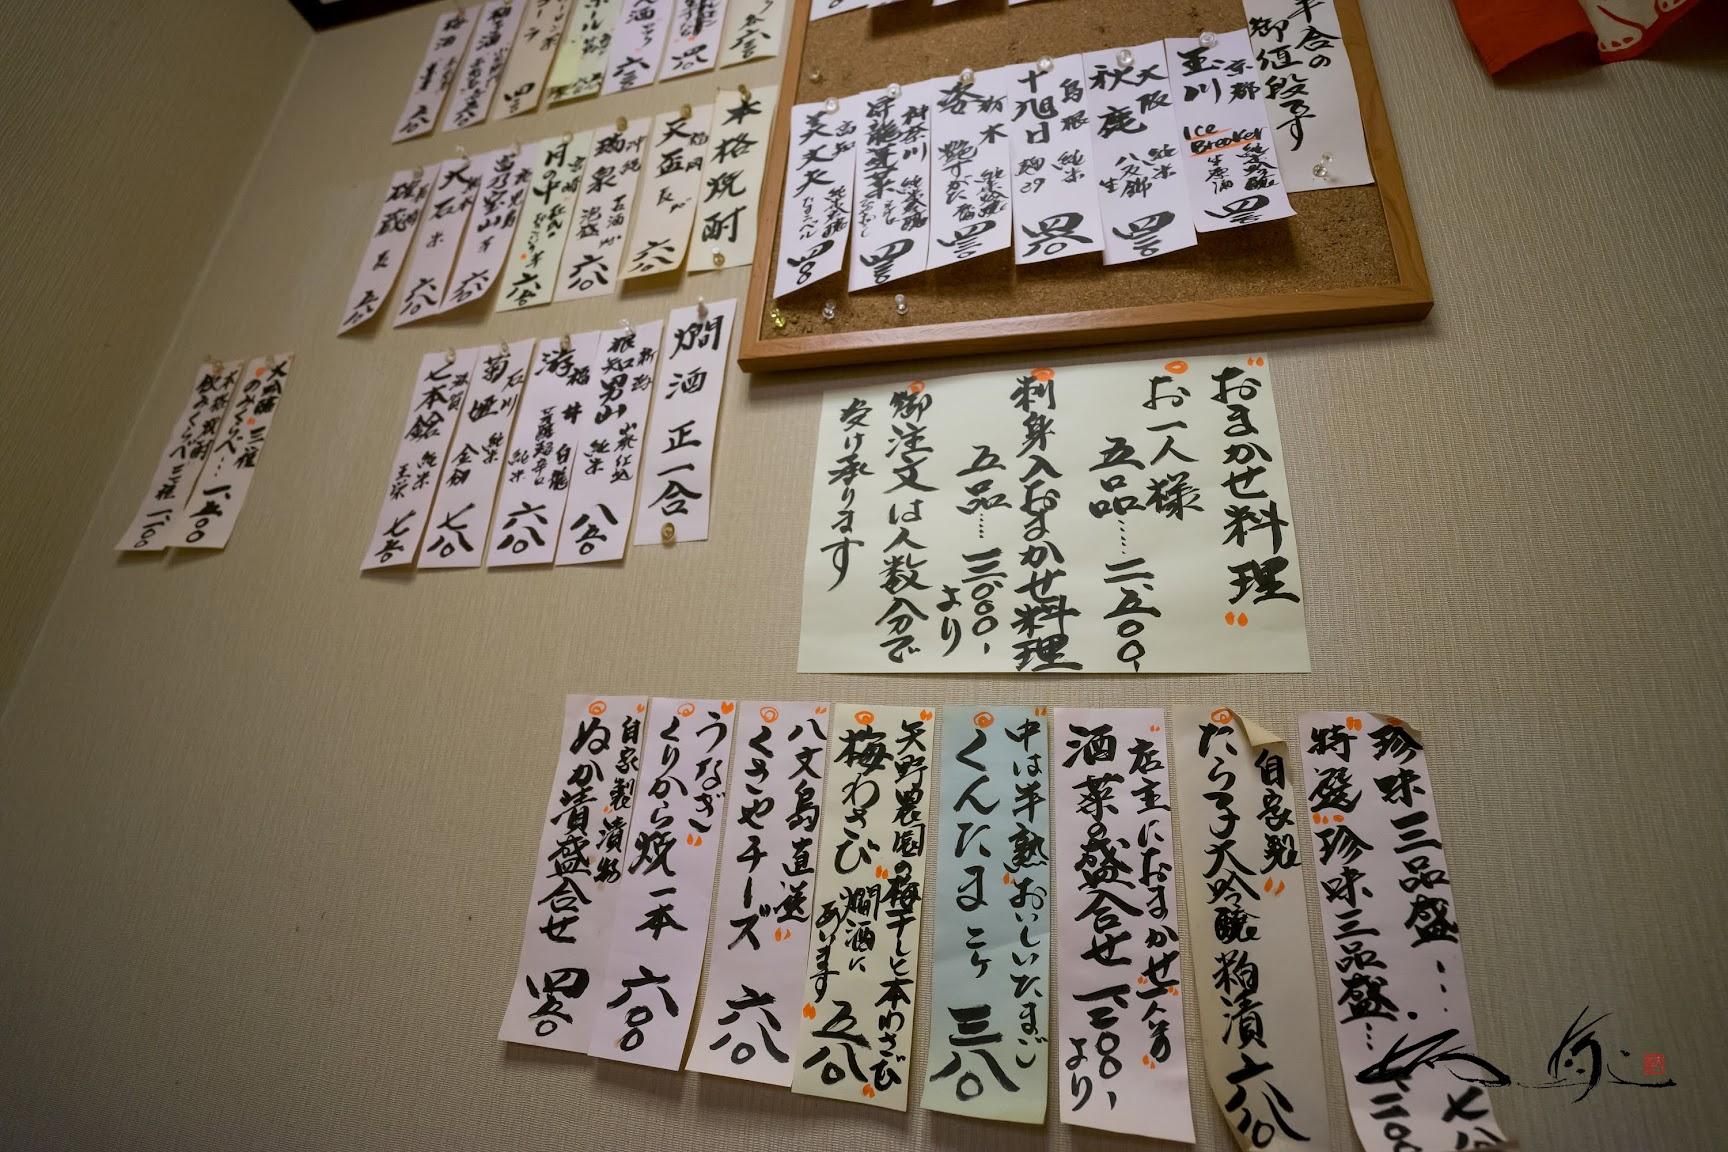 壁に貼付された沢山のお品書き